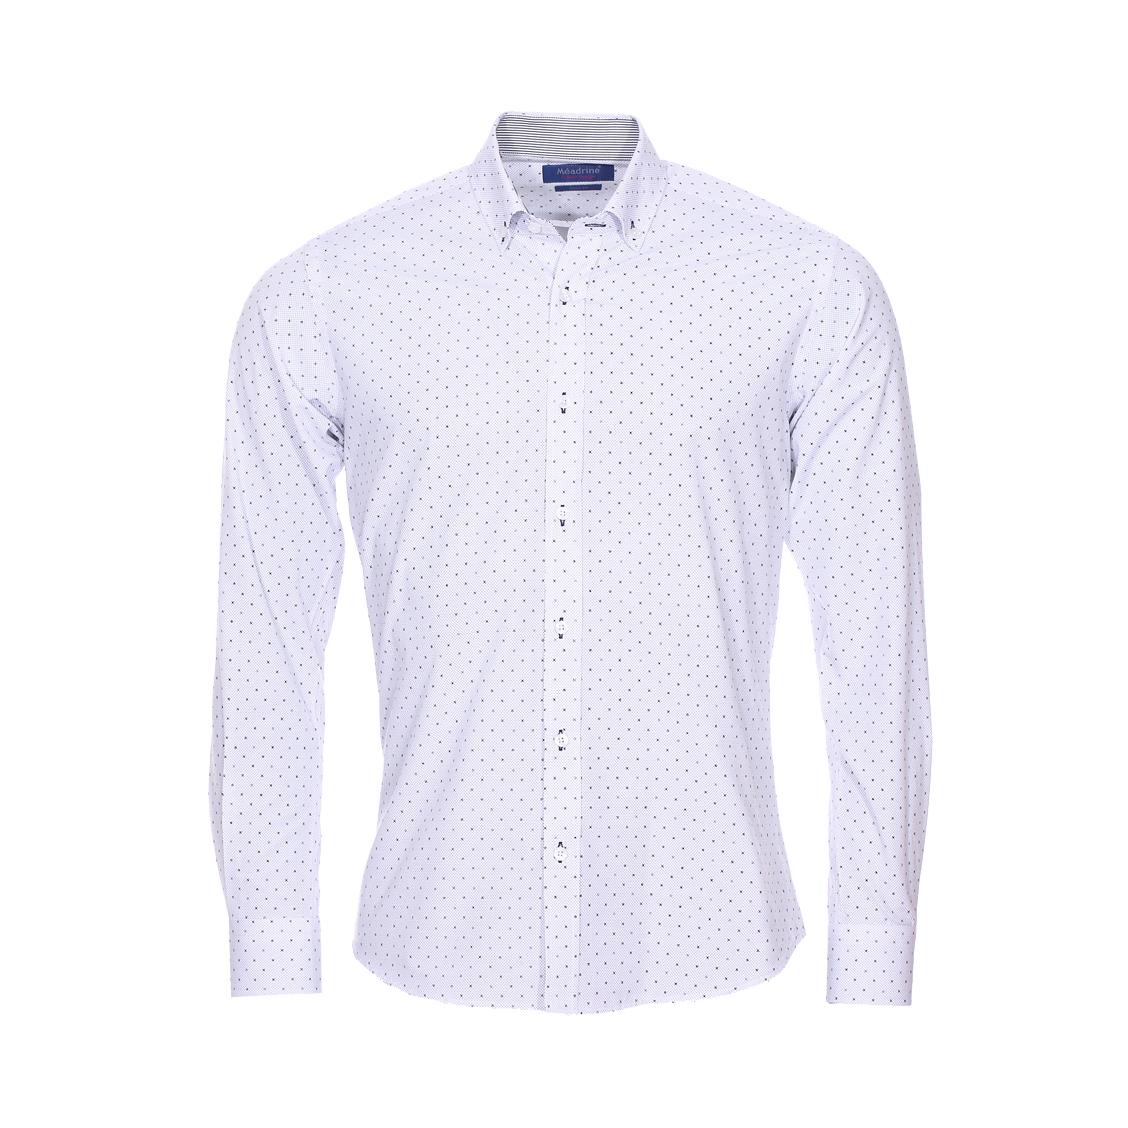 Chemise cintrée  en coton blanc à motifs bleu roi, gris et noirs